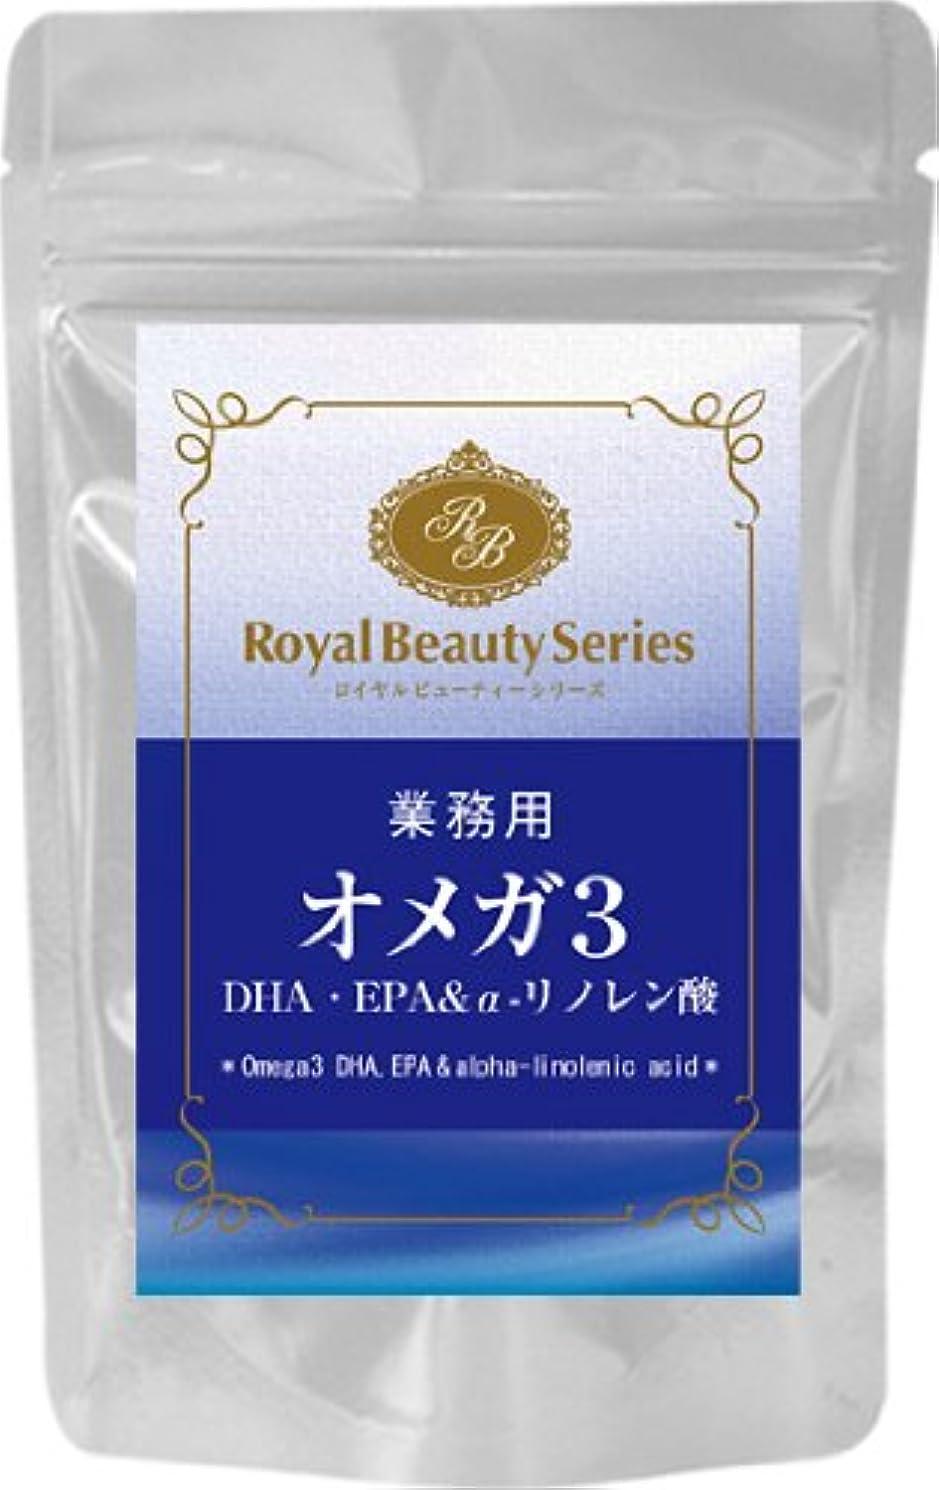 テンション飢饉ペグロイヤルビューティーシリーズ 業務用 オメガ3 DHA?EPA & α-リノレン酸 250mg x 90カプセル